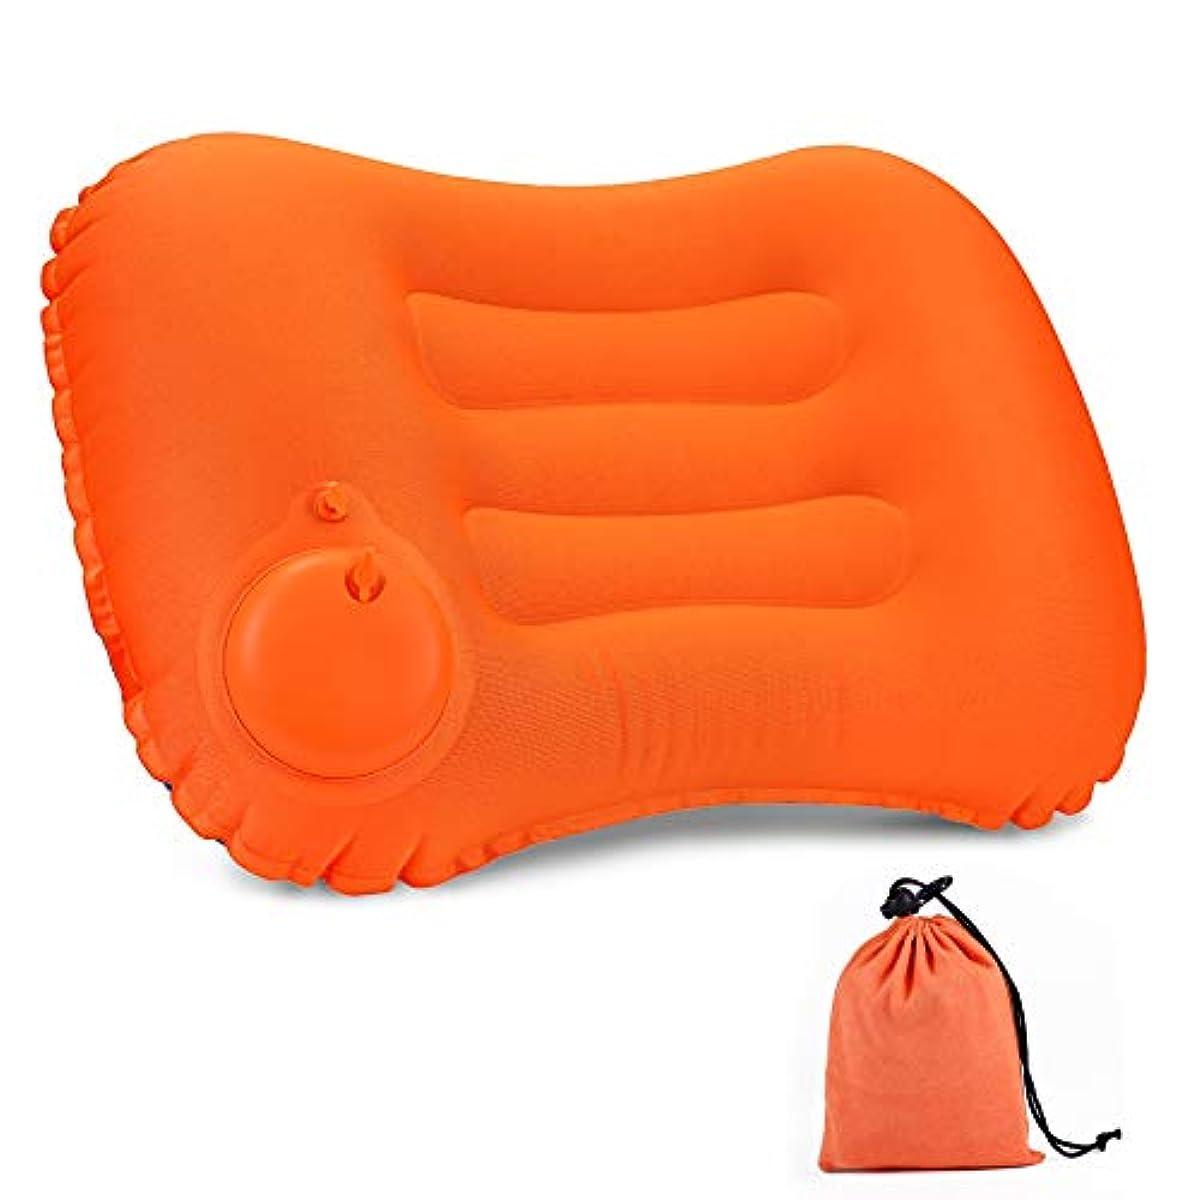 [해외] 에어 pillow 캠프 베개 수동 프레스식 캠프침 공기침 여행용 침경량 휴대침 사무실 차 안박 아웃도어용 수납 봉투 첨부 1년건 보증